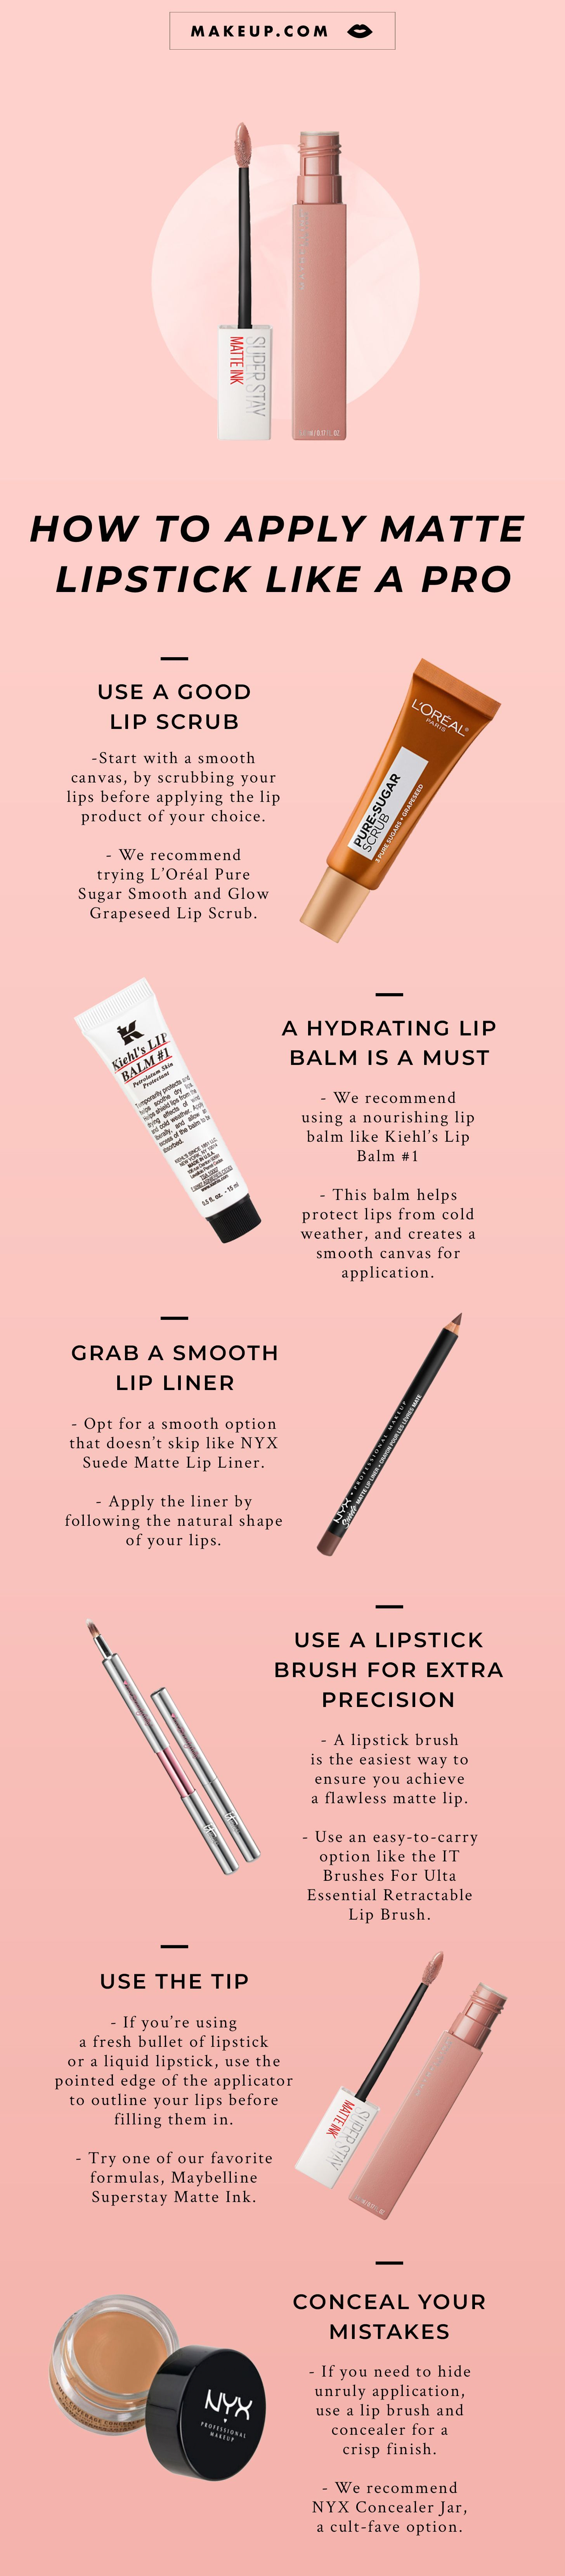 How to Apply Matte Liquid Lipstick Lipstick, Makeup